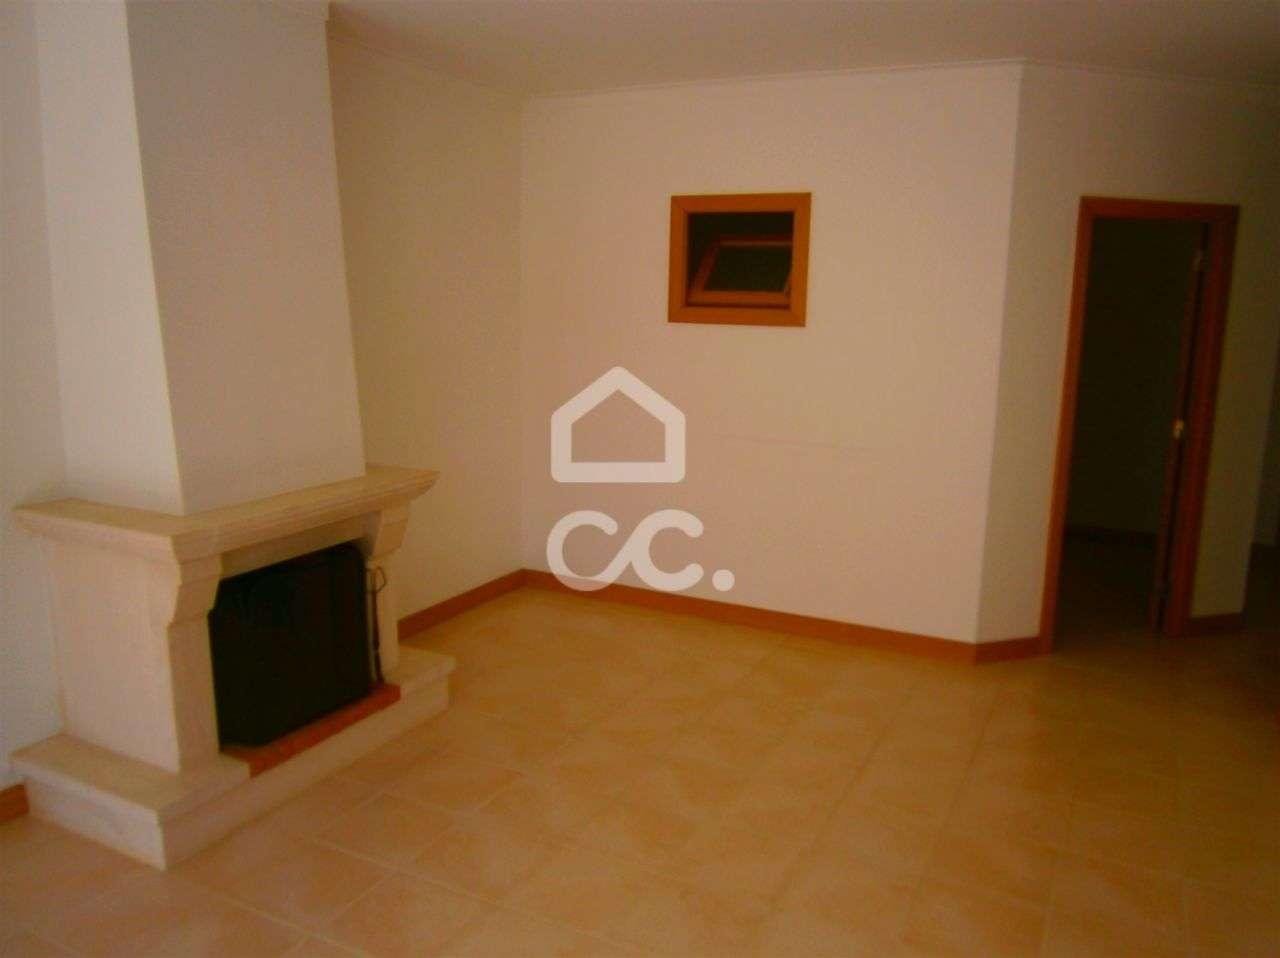 Apartamento para comprar, Ferrel, Leiria - Foto 5